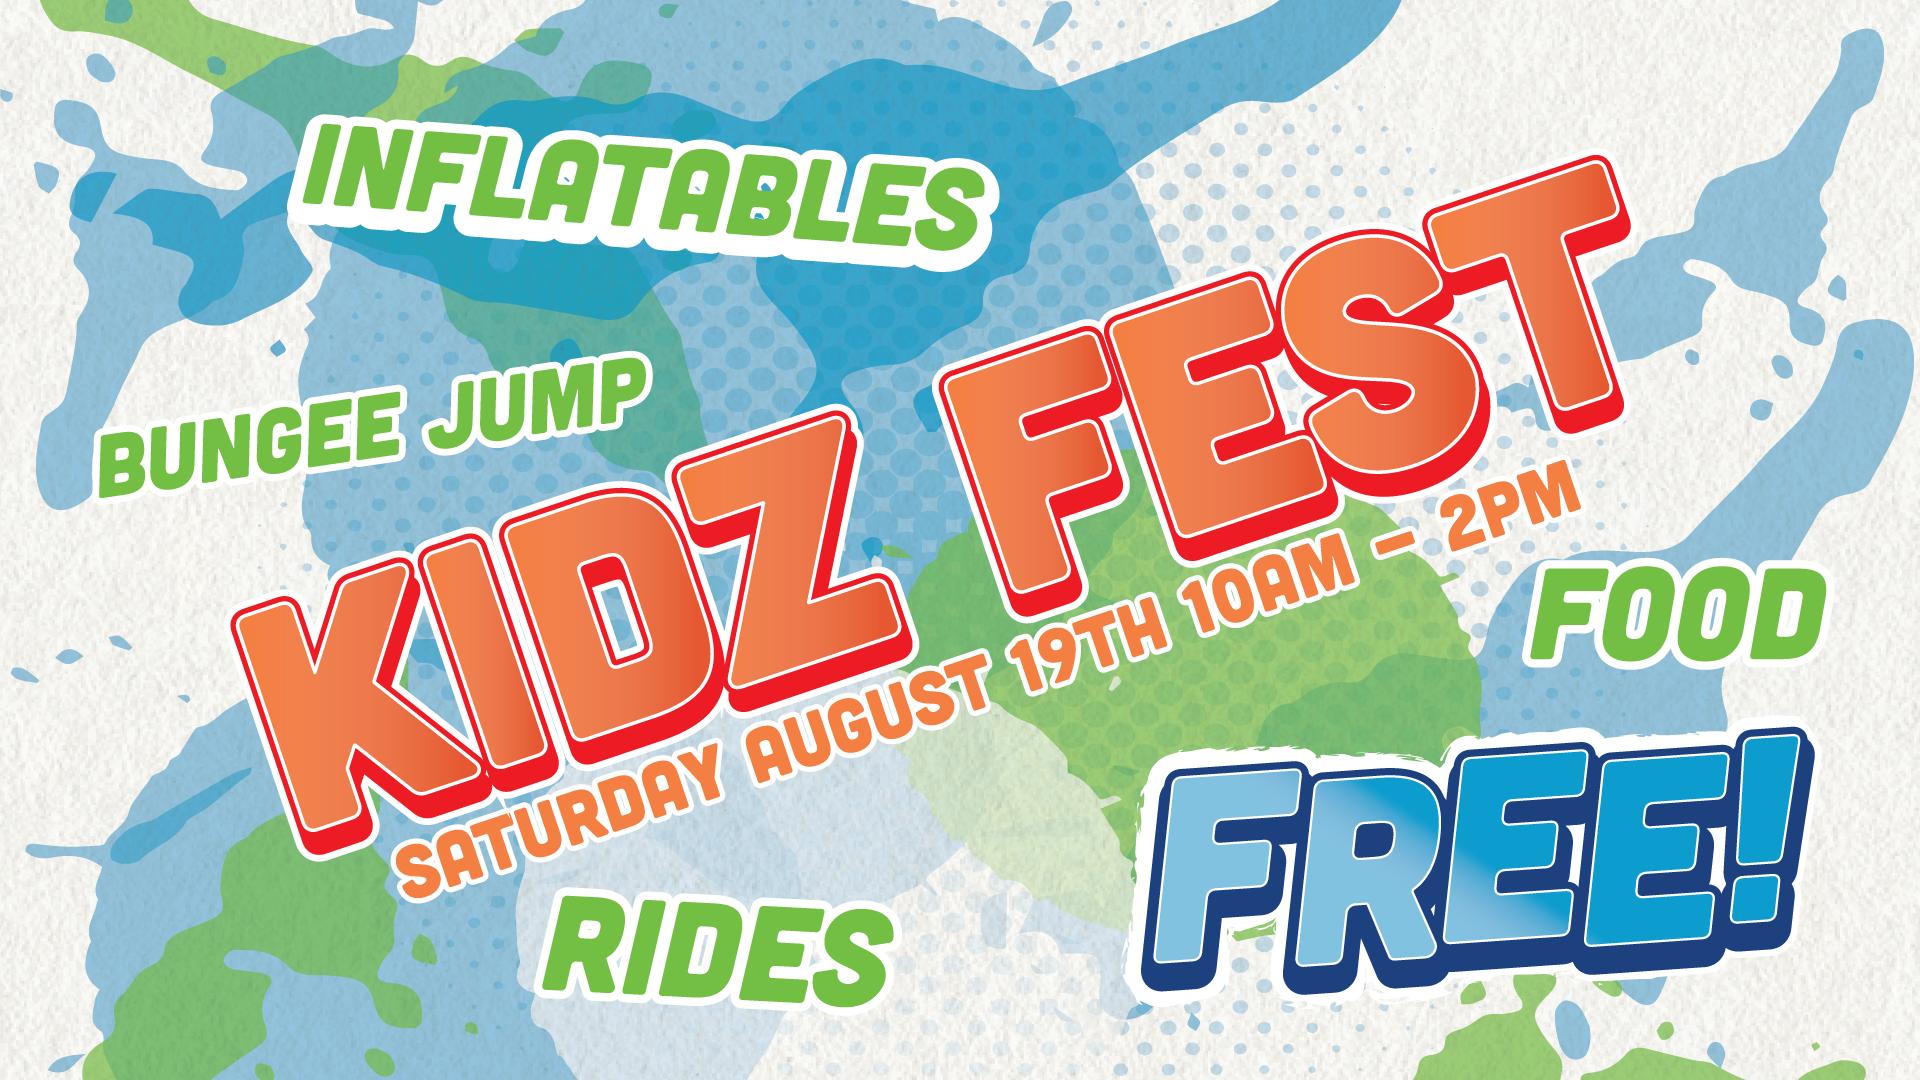 Kidzfest slide